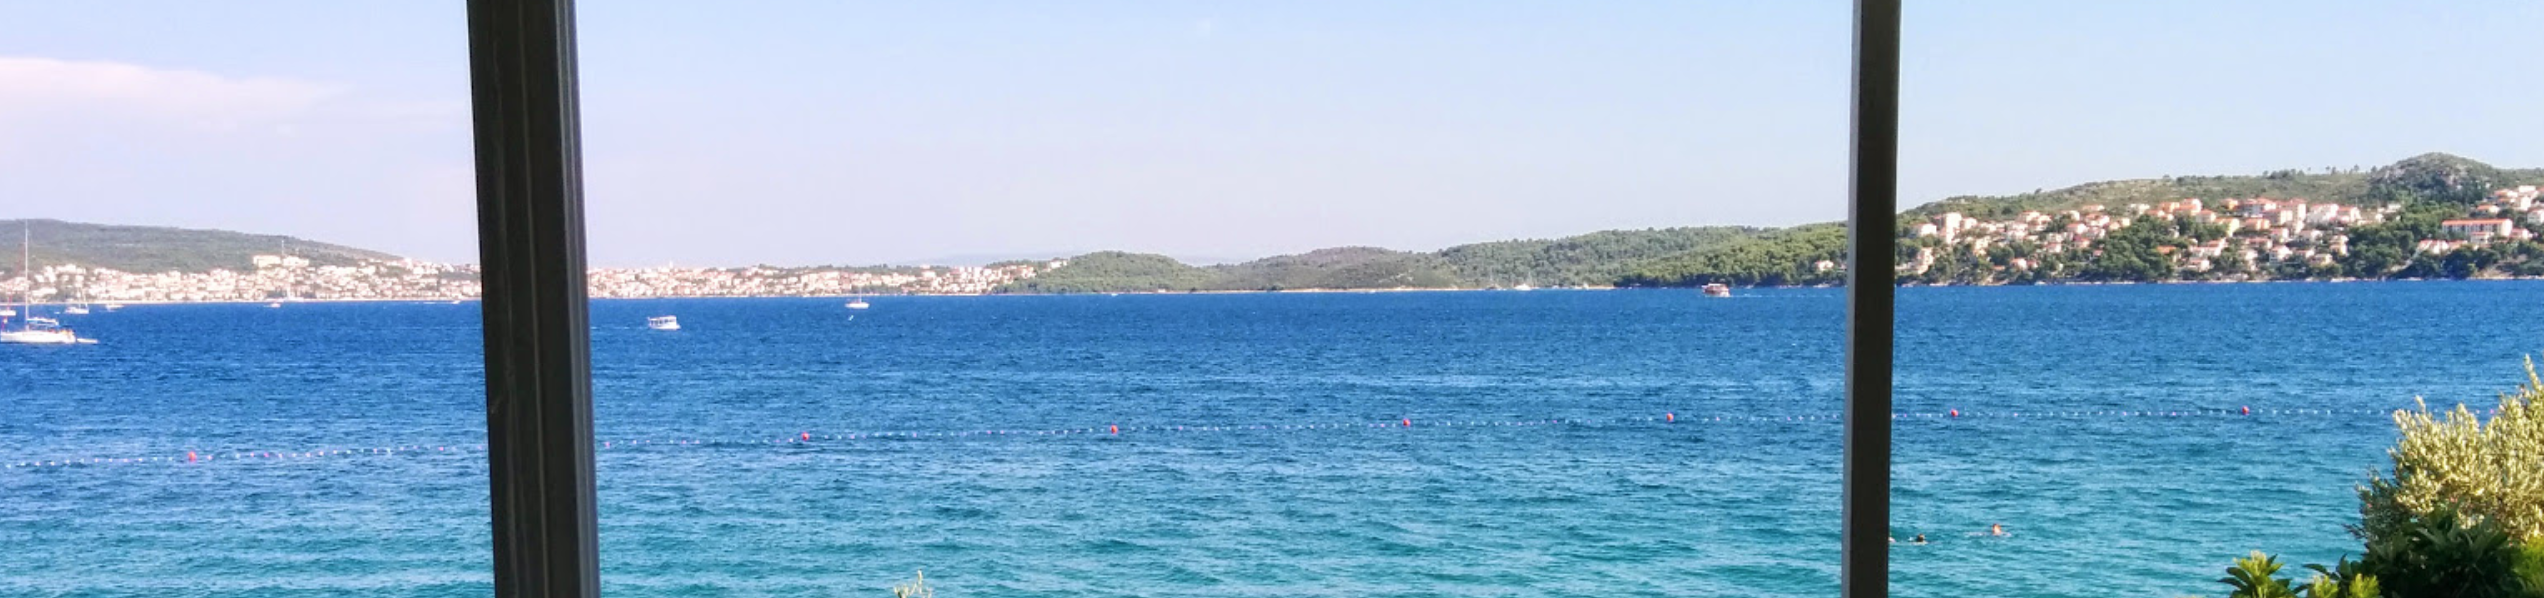 Seget Donji bei Trogir